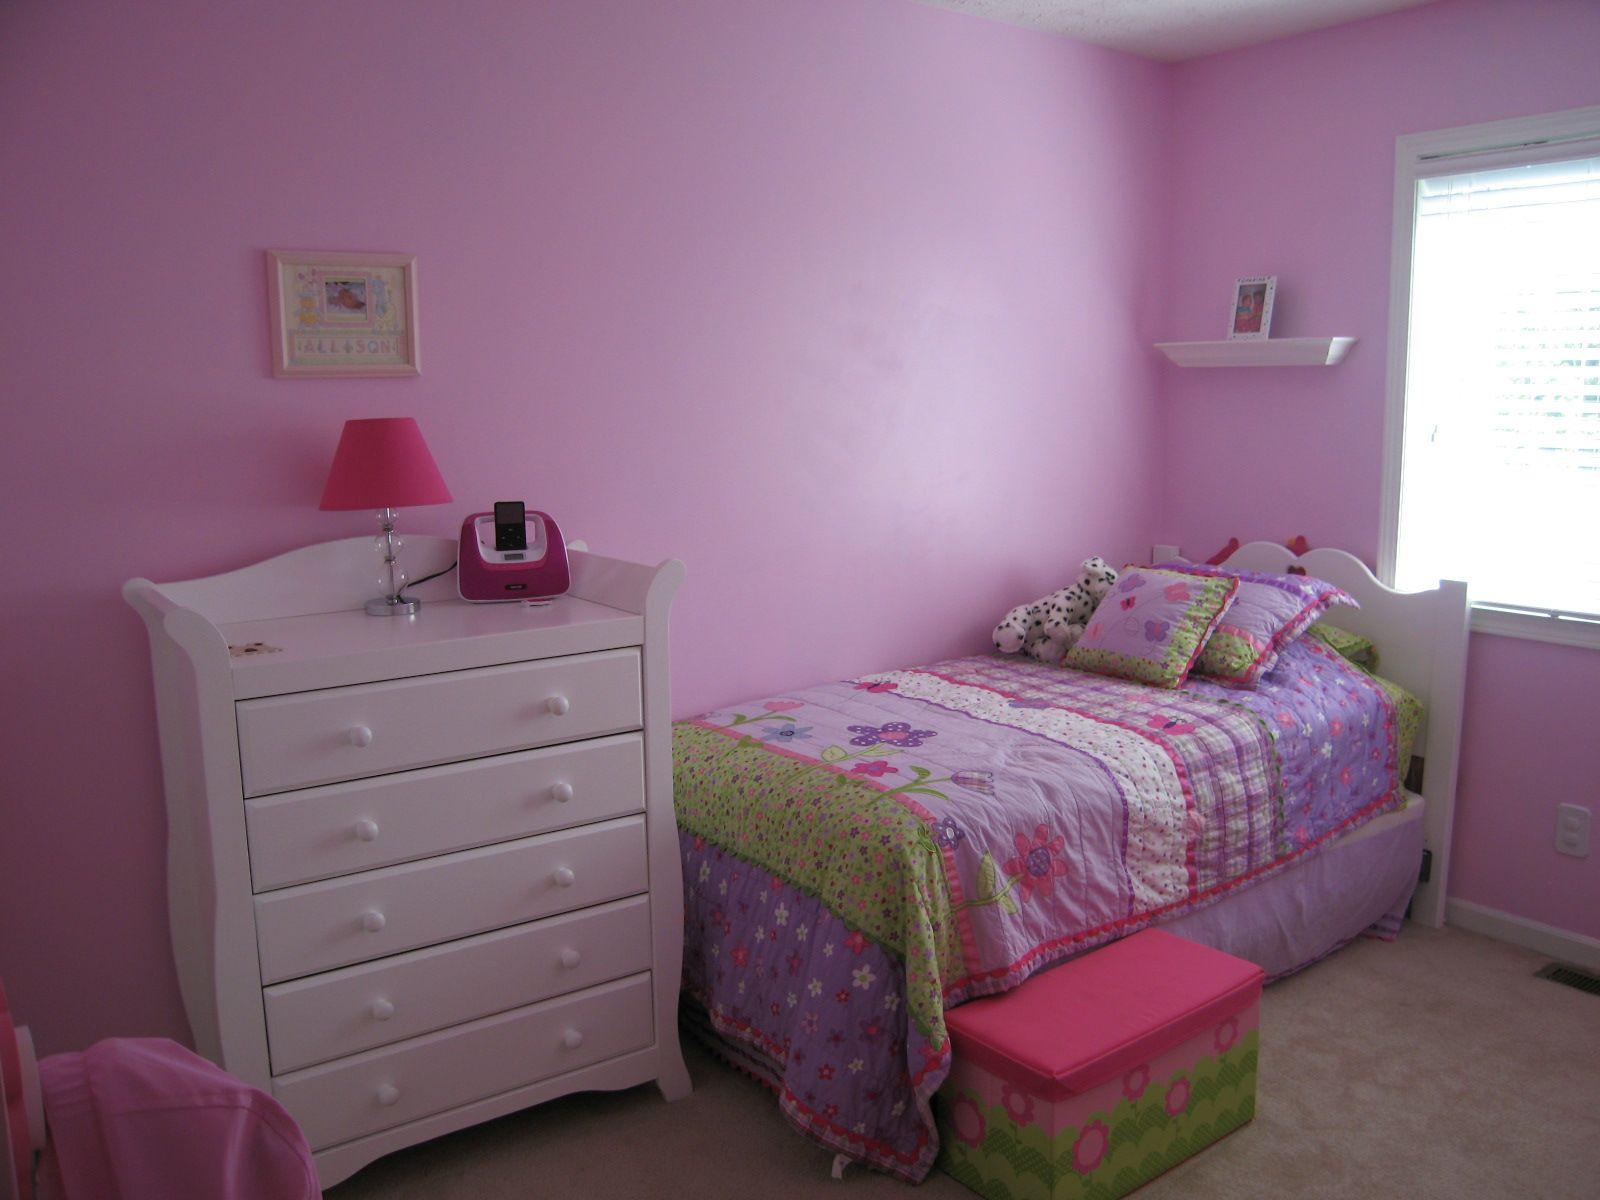 Kinder Schlafzimmer Farben Lila Und Grau Schlafzimmer Deko Ideen